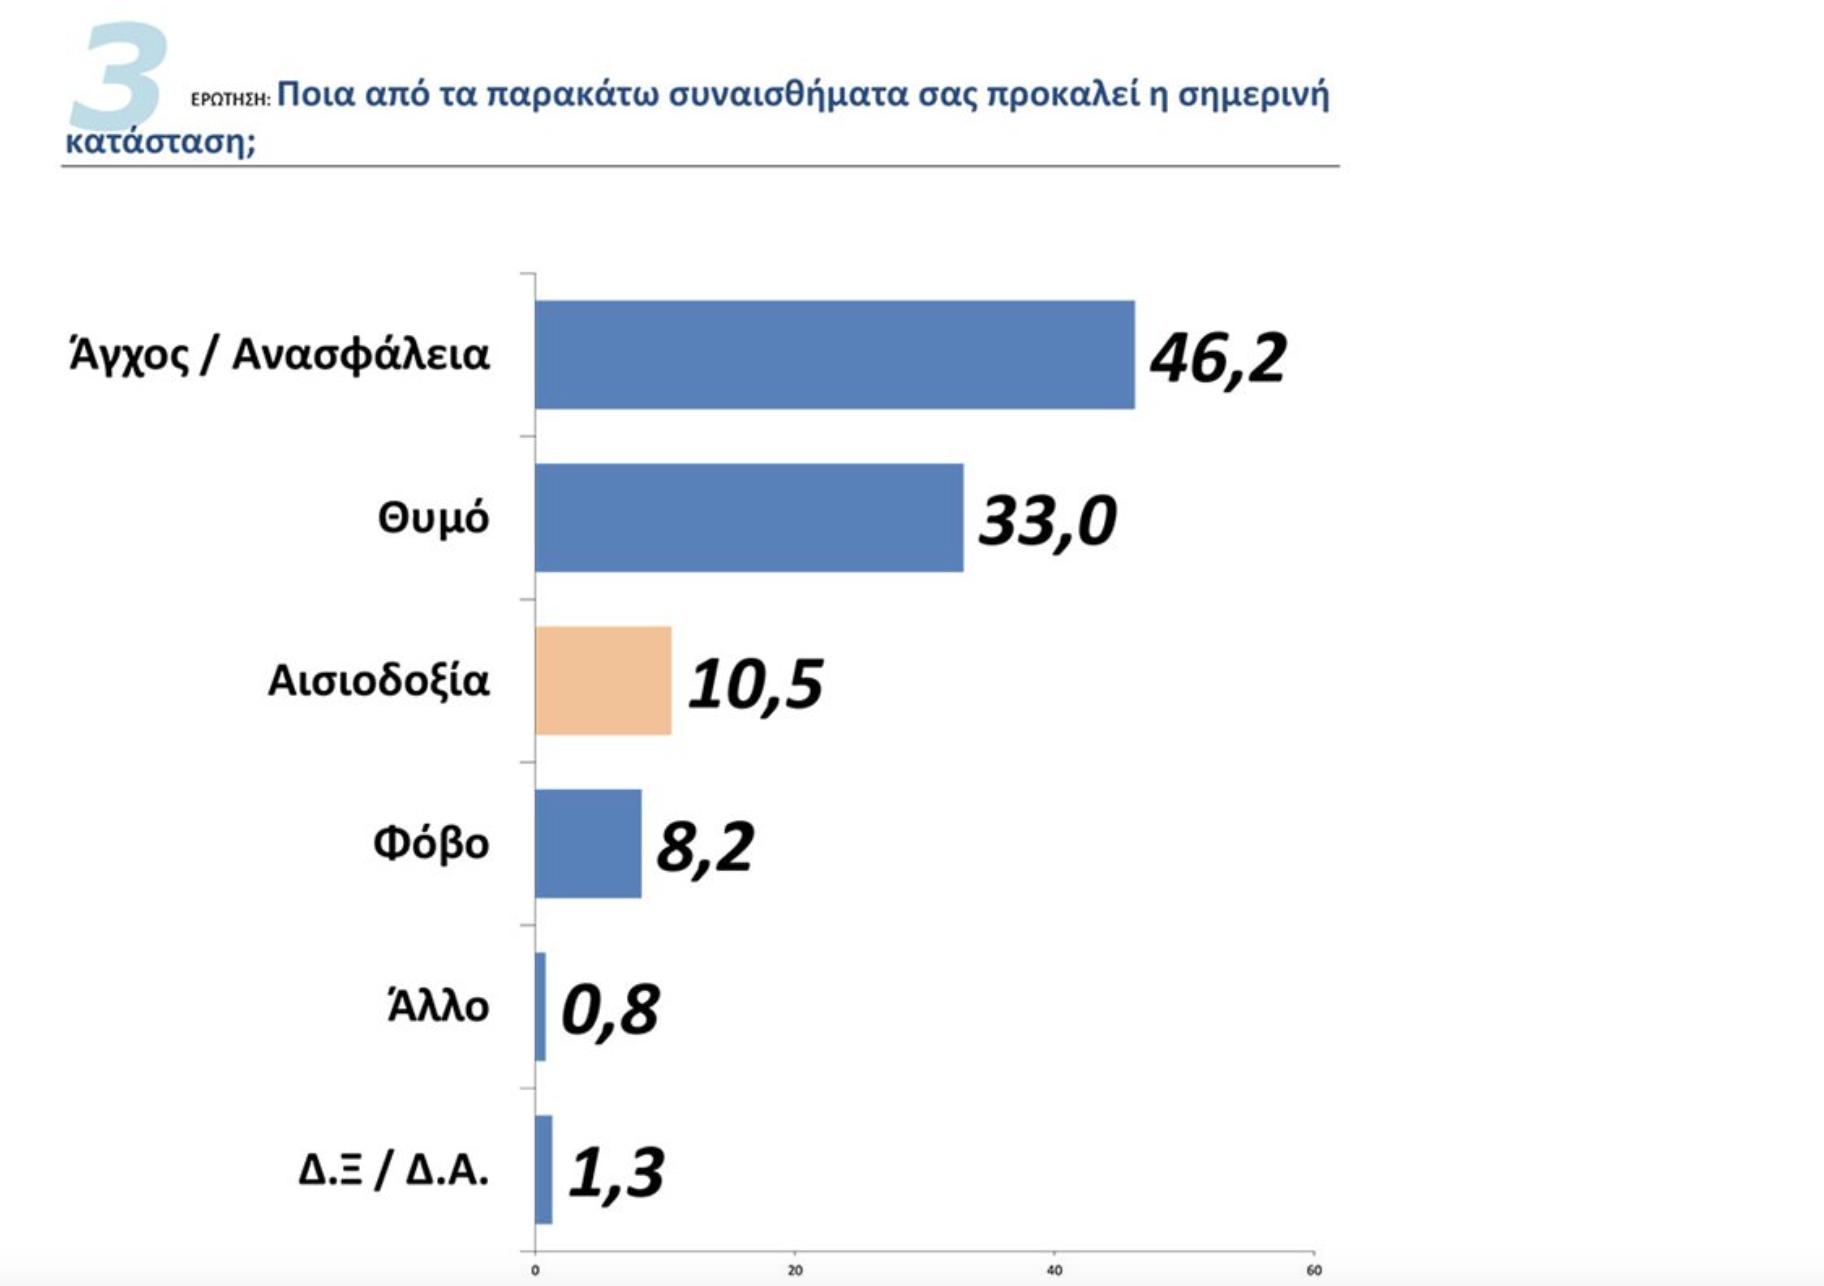 Grci pesimistični u prognozama za 2021. godinu, kažu ankete